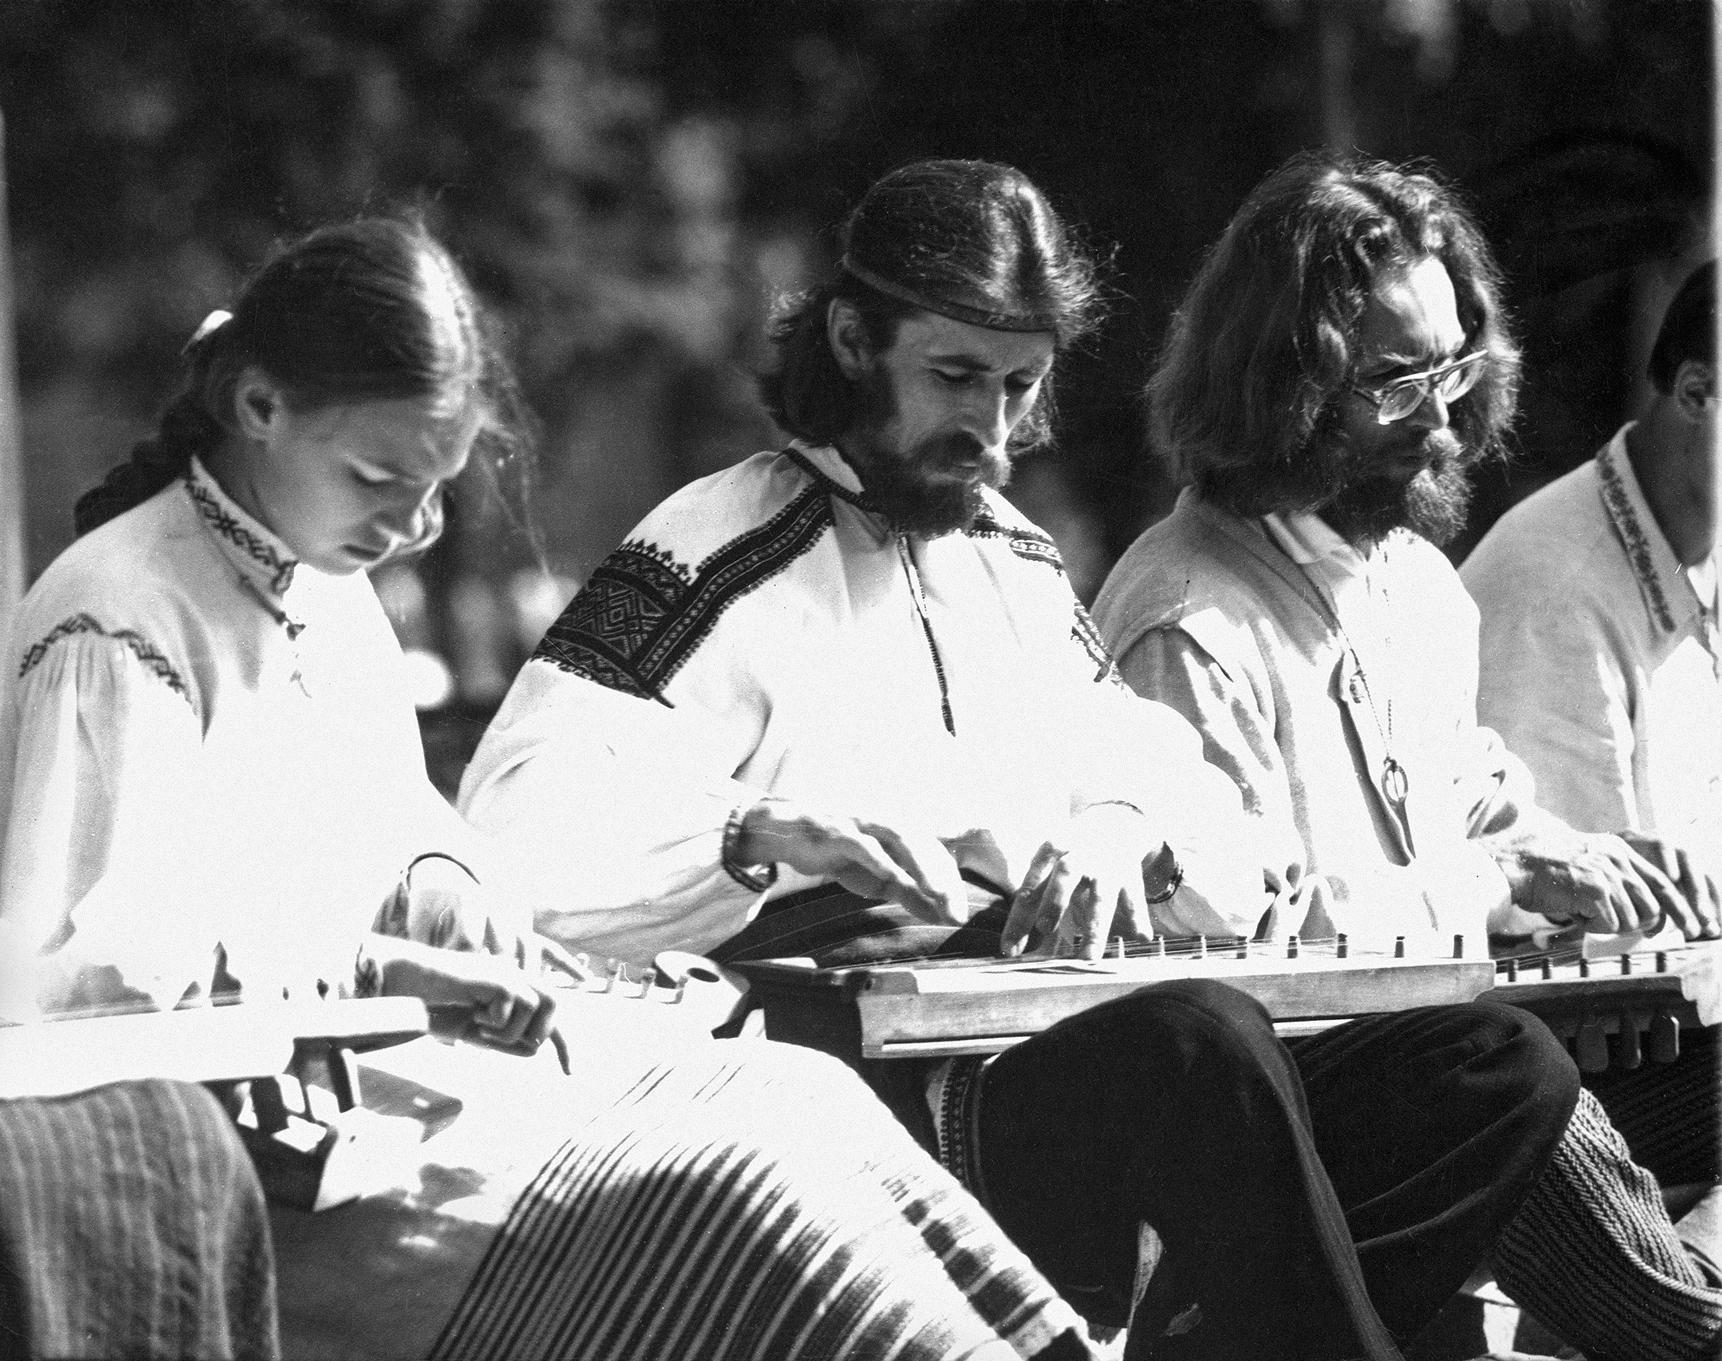 """Saulė Vakrinaitė, Valdis Muktupavelas ir Evaldas Vyčinas kankliuoja festivalyje """"Skamba skamba kankliai"""". Apie 1983m.   asmeninė nuotr."""